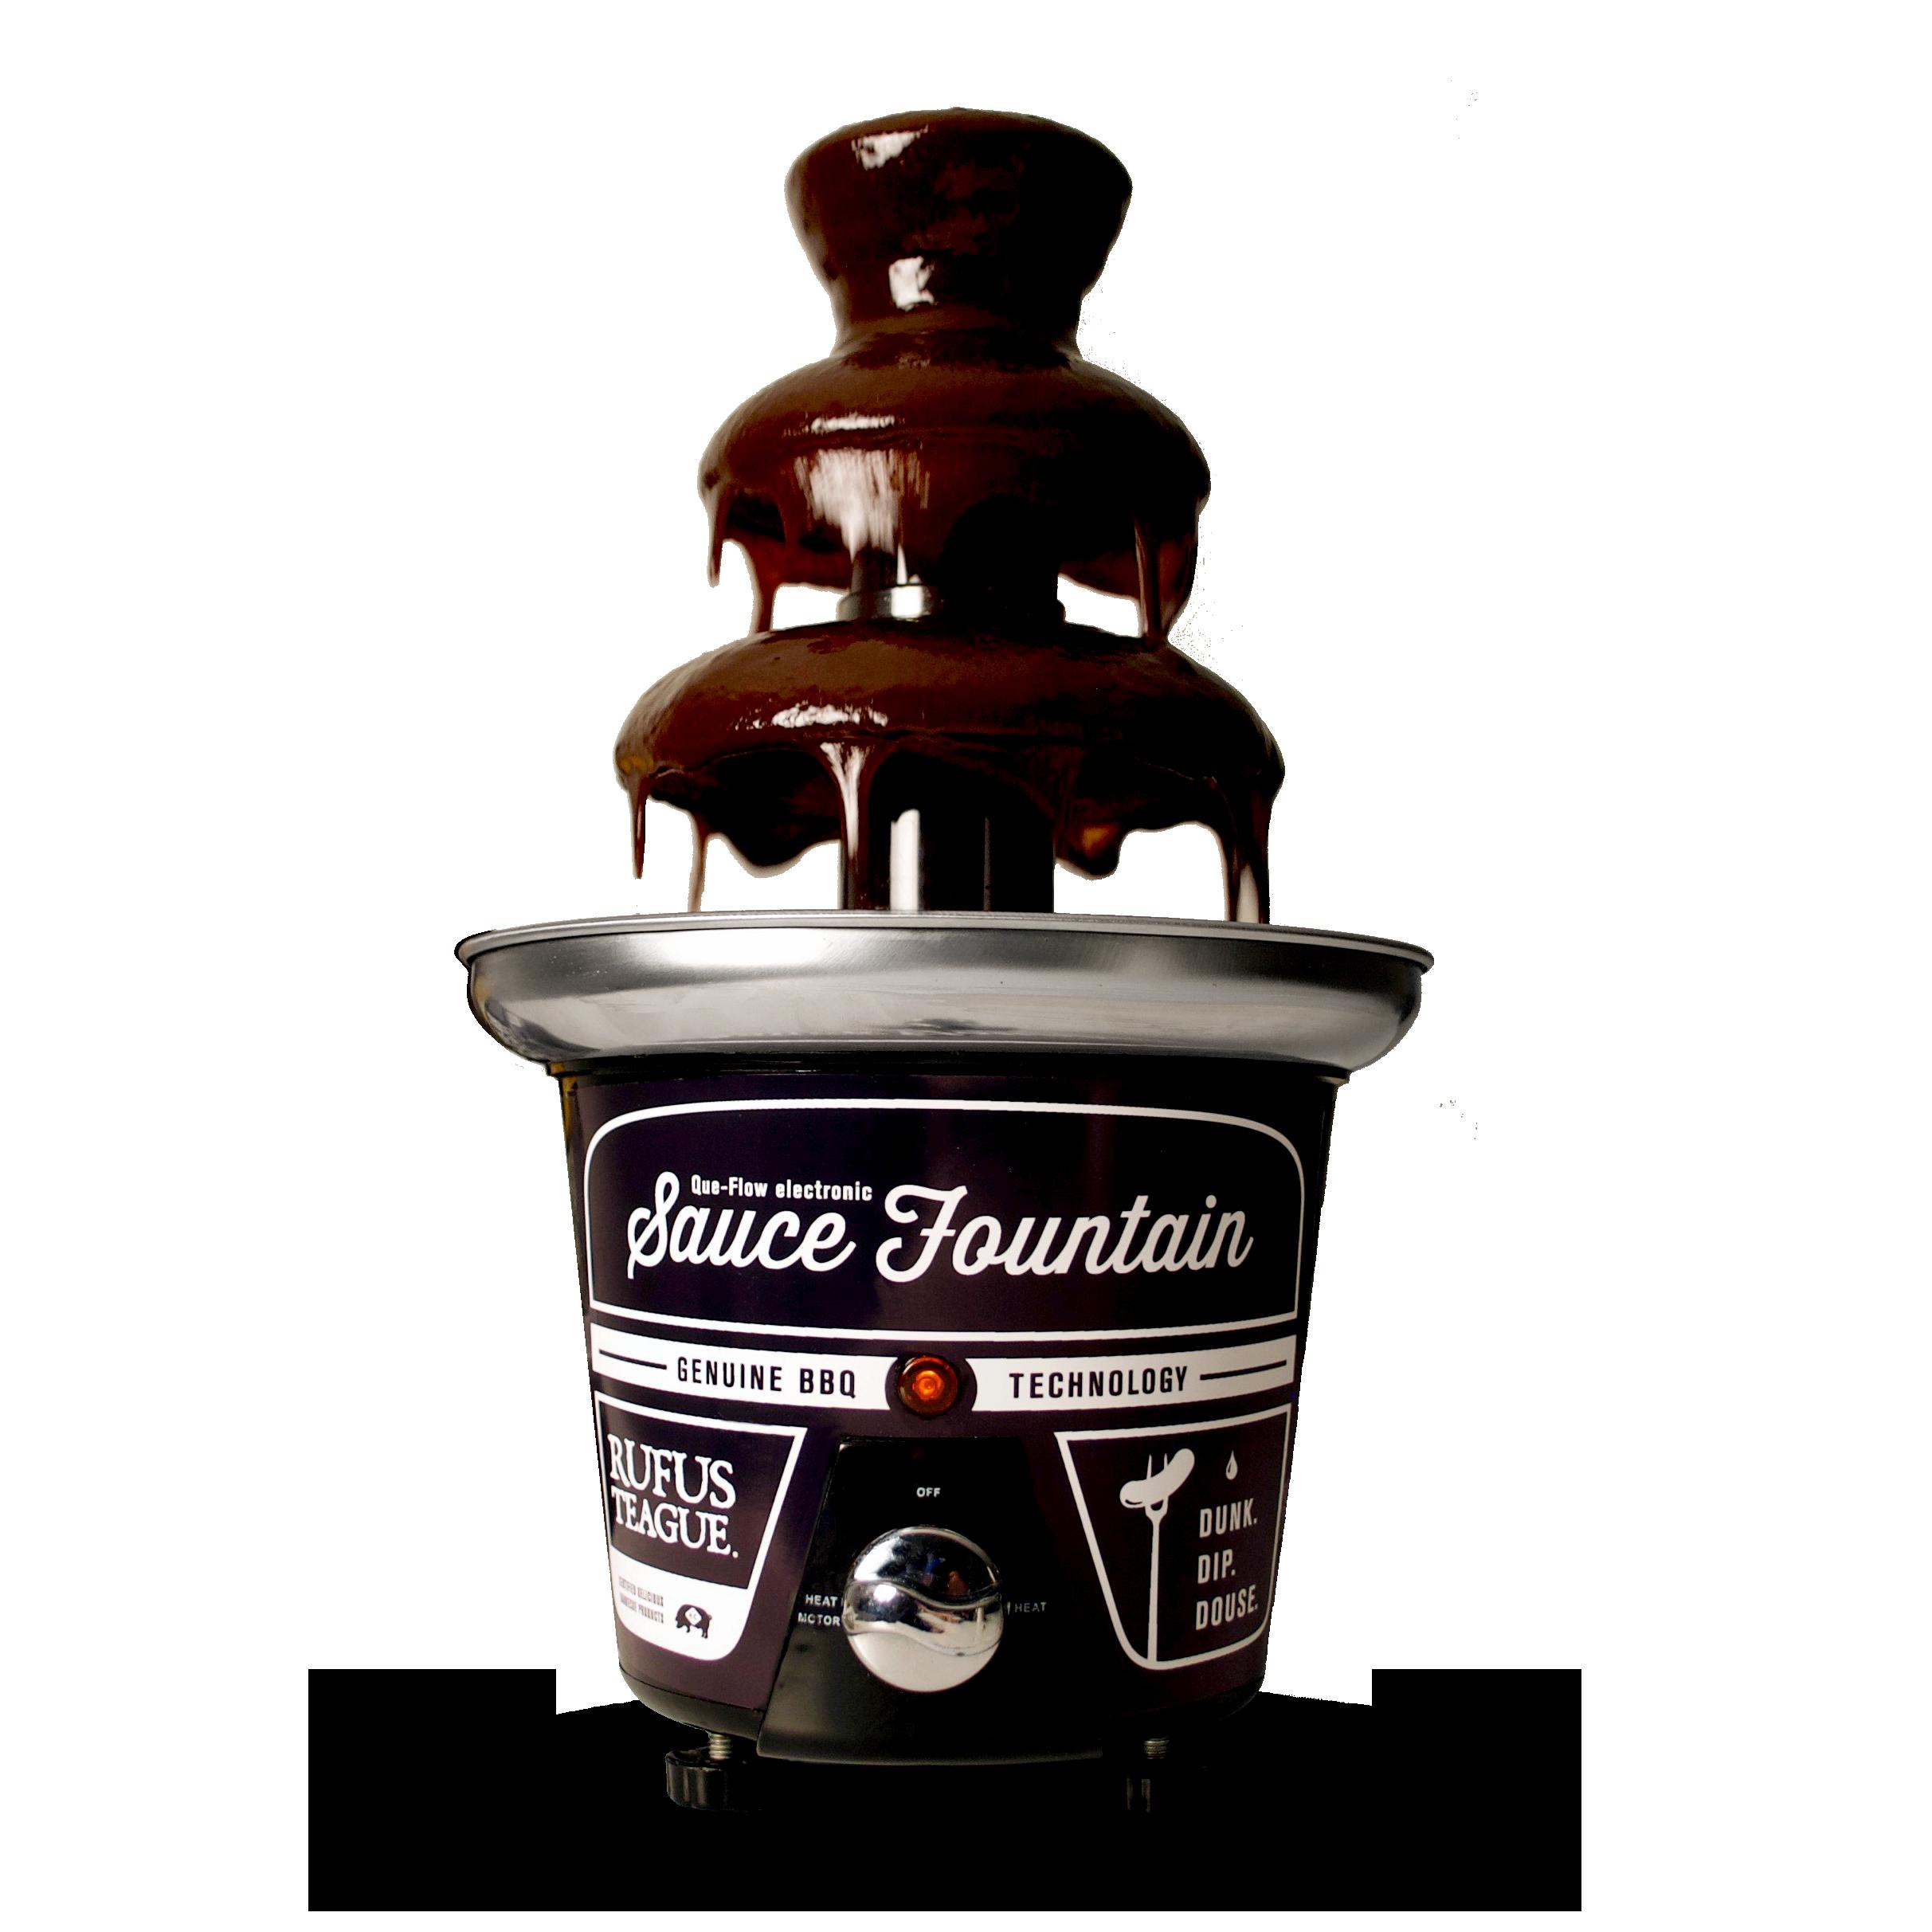 Rufus Teague BBQ Sauce Fountain